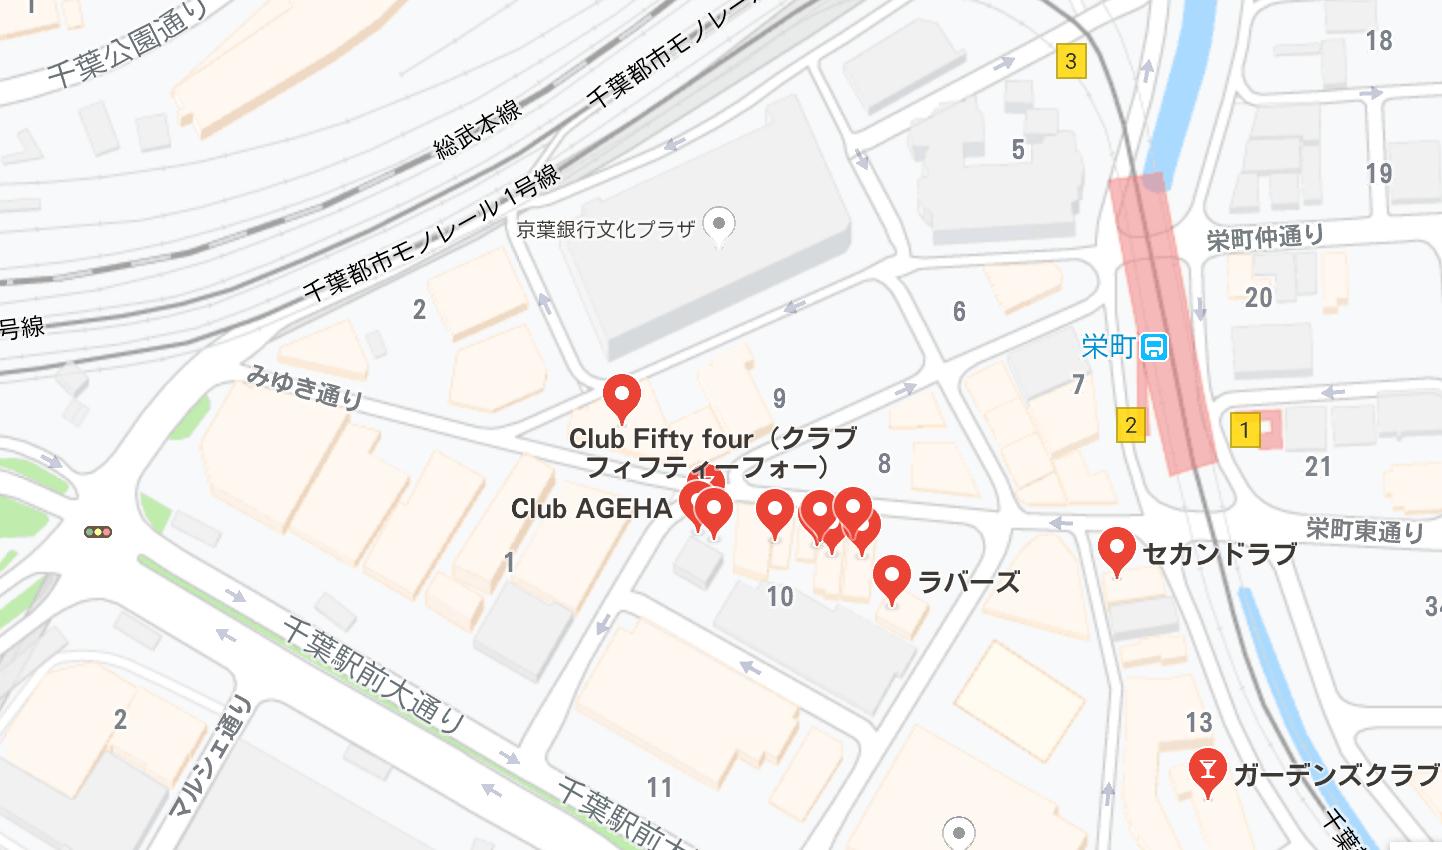 千葉市 キャバクラ